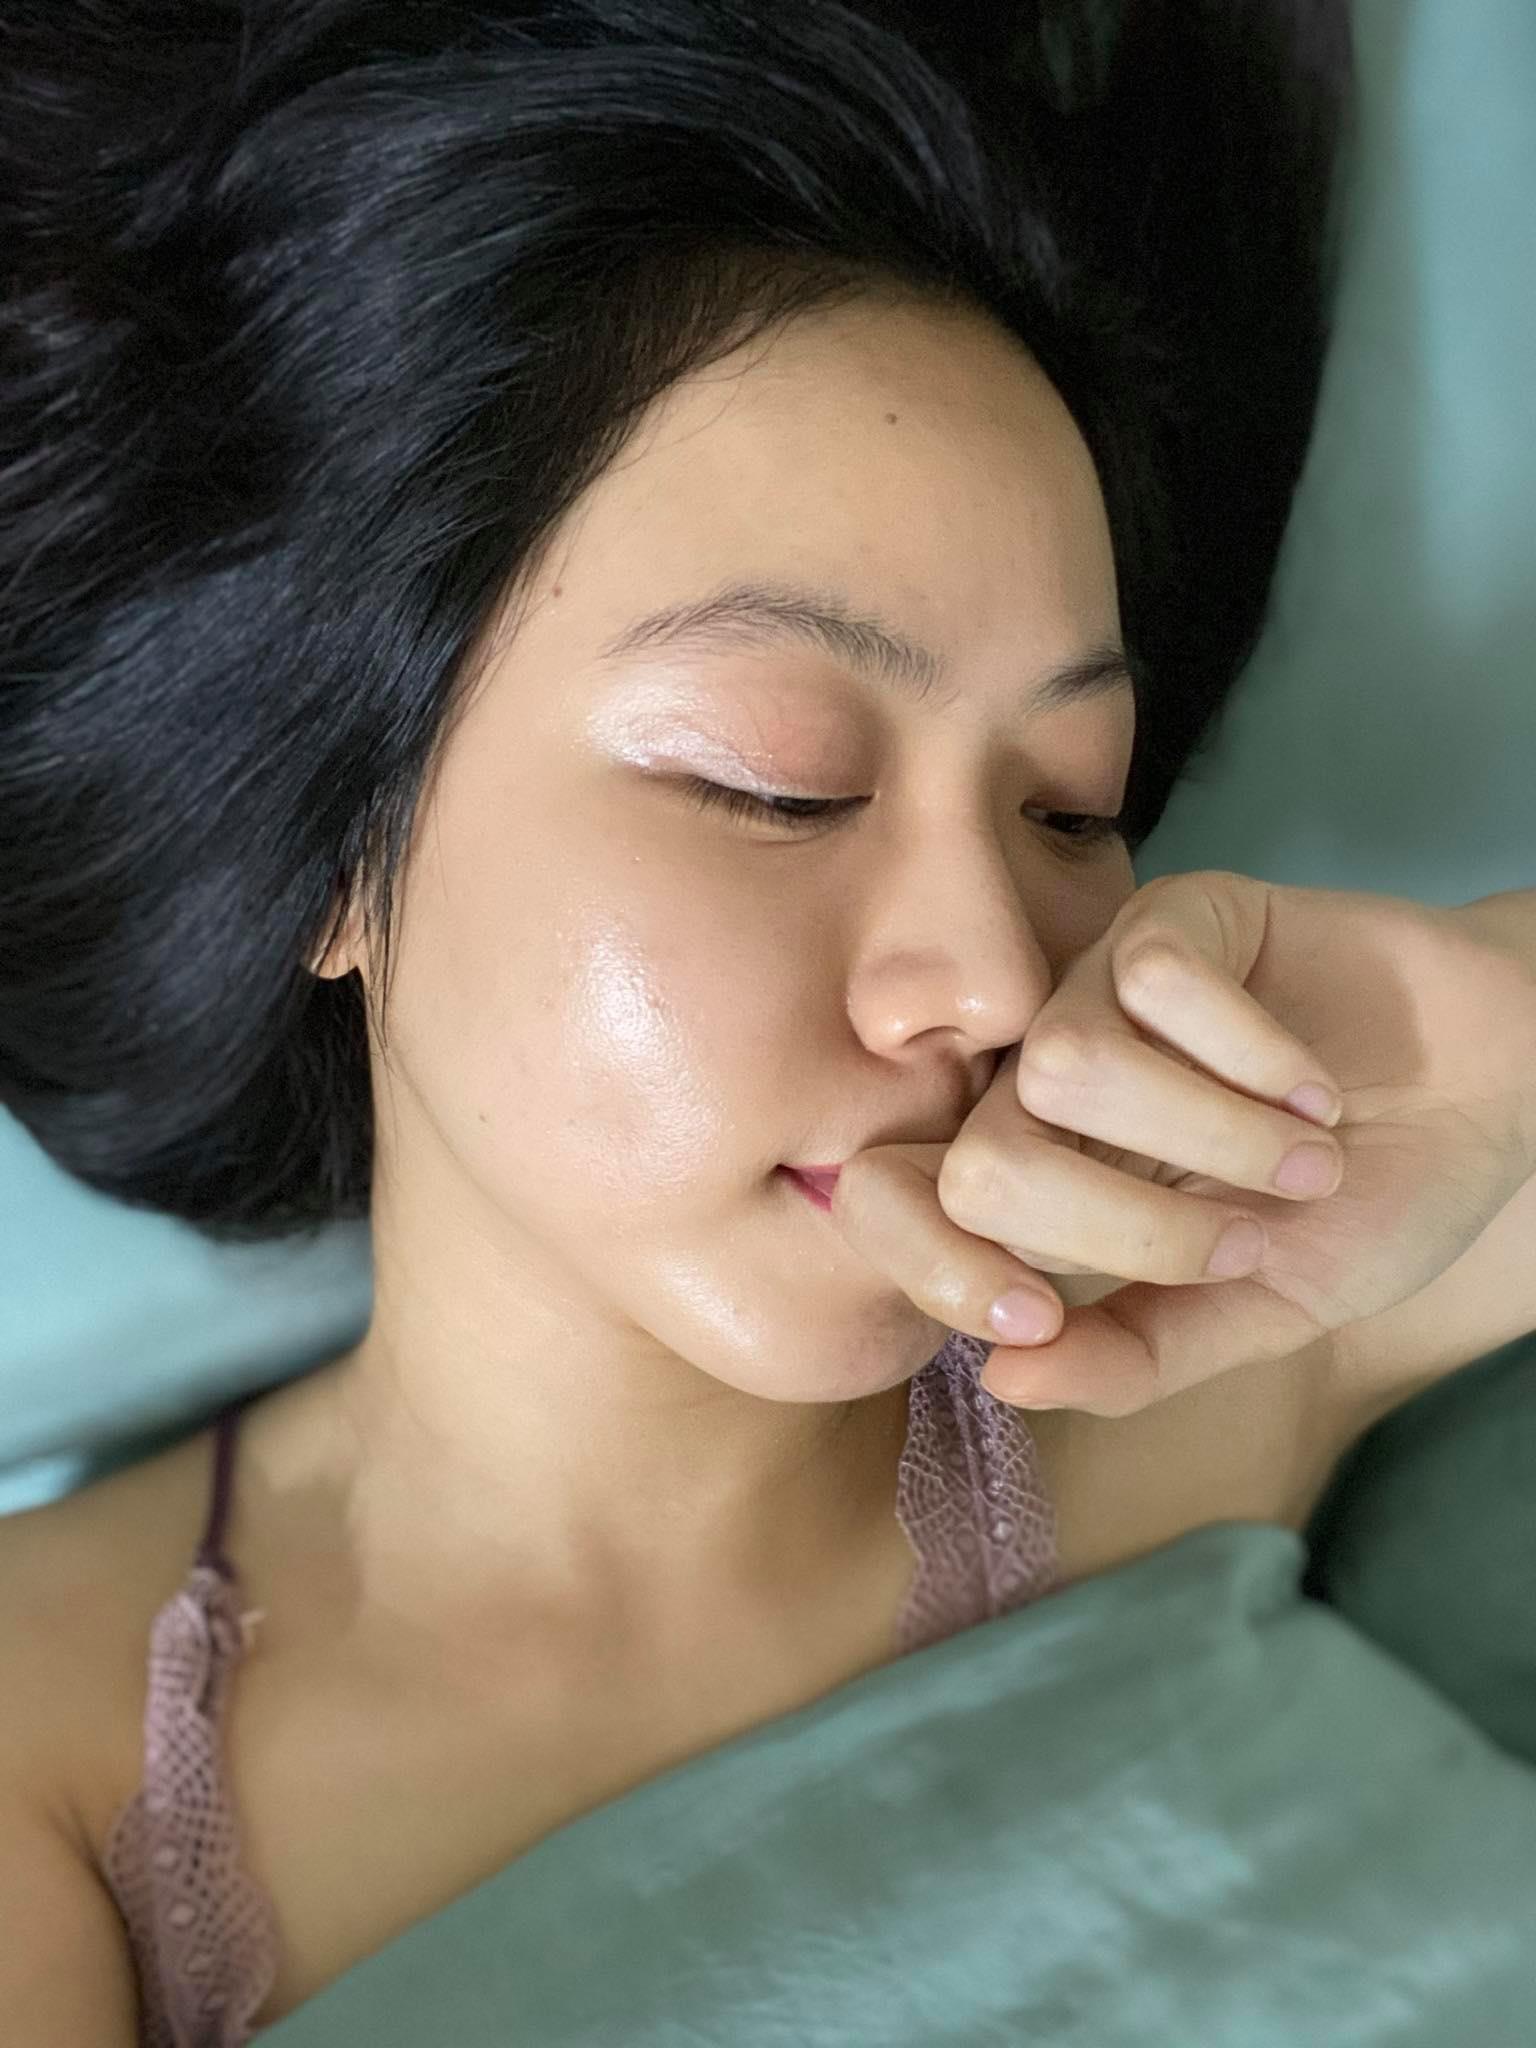 Từ da siêu nhạy cảm, nổi mụn tùm lum, cô bạn đã tìm ra bí kíp vàng trị mụn hết sạch, lỗ chân lông nhỏ xíu - Ảnh 5.